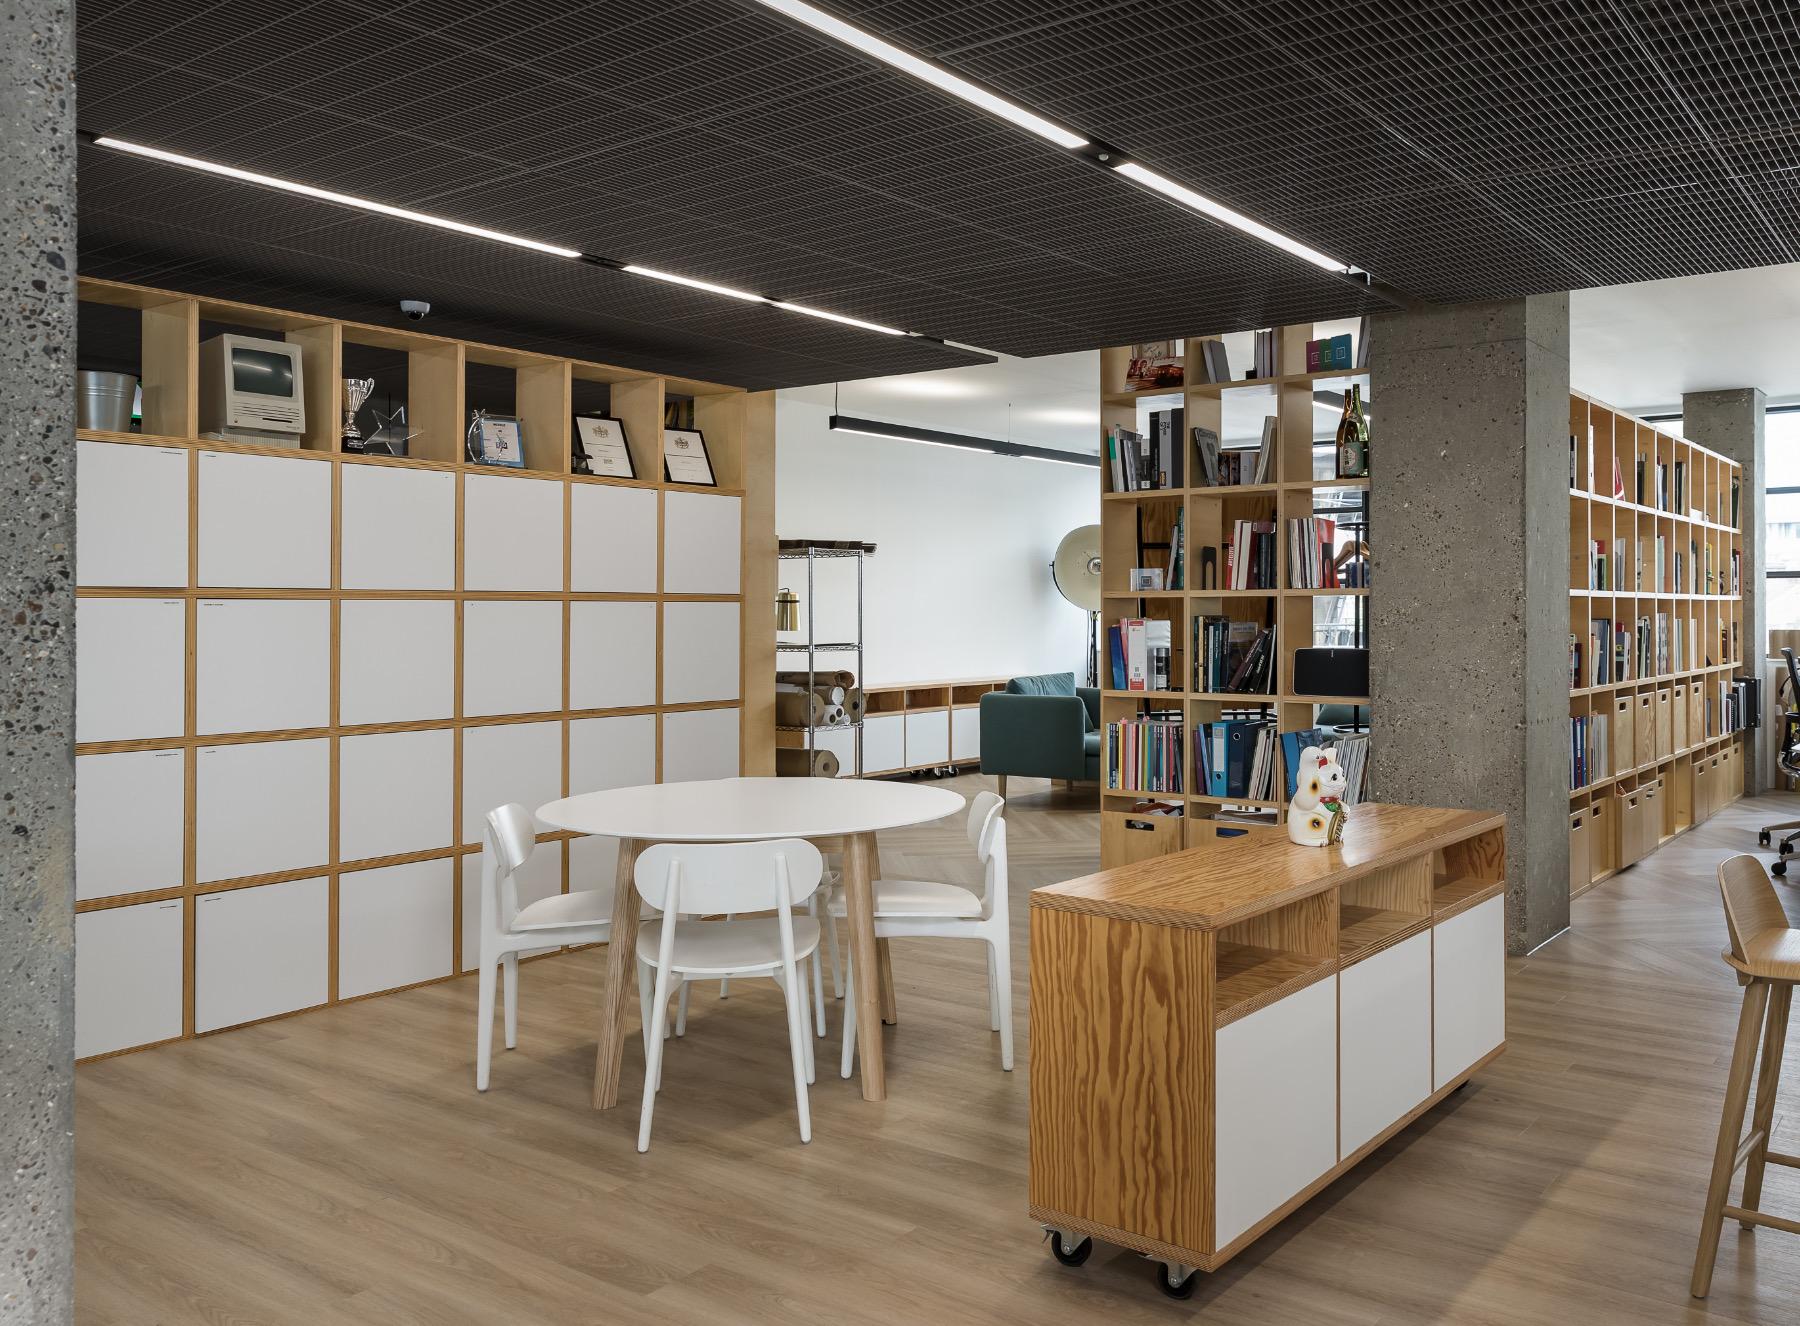 mccglc-london-office-12